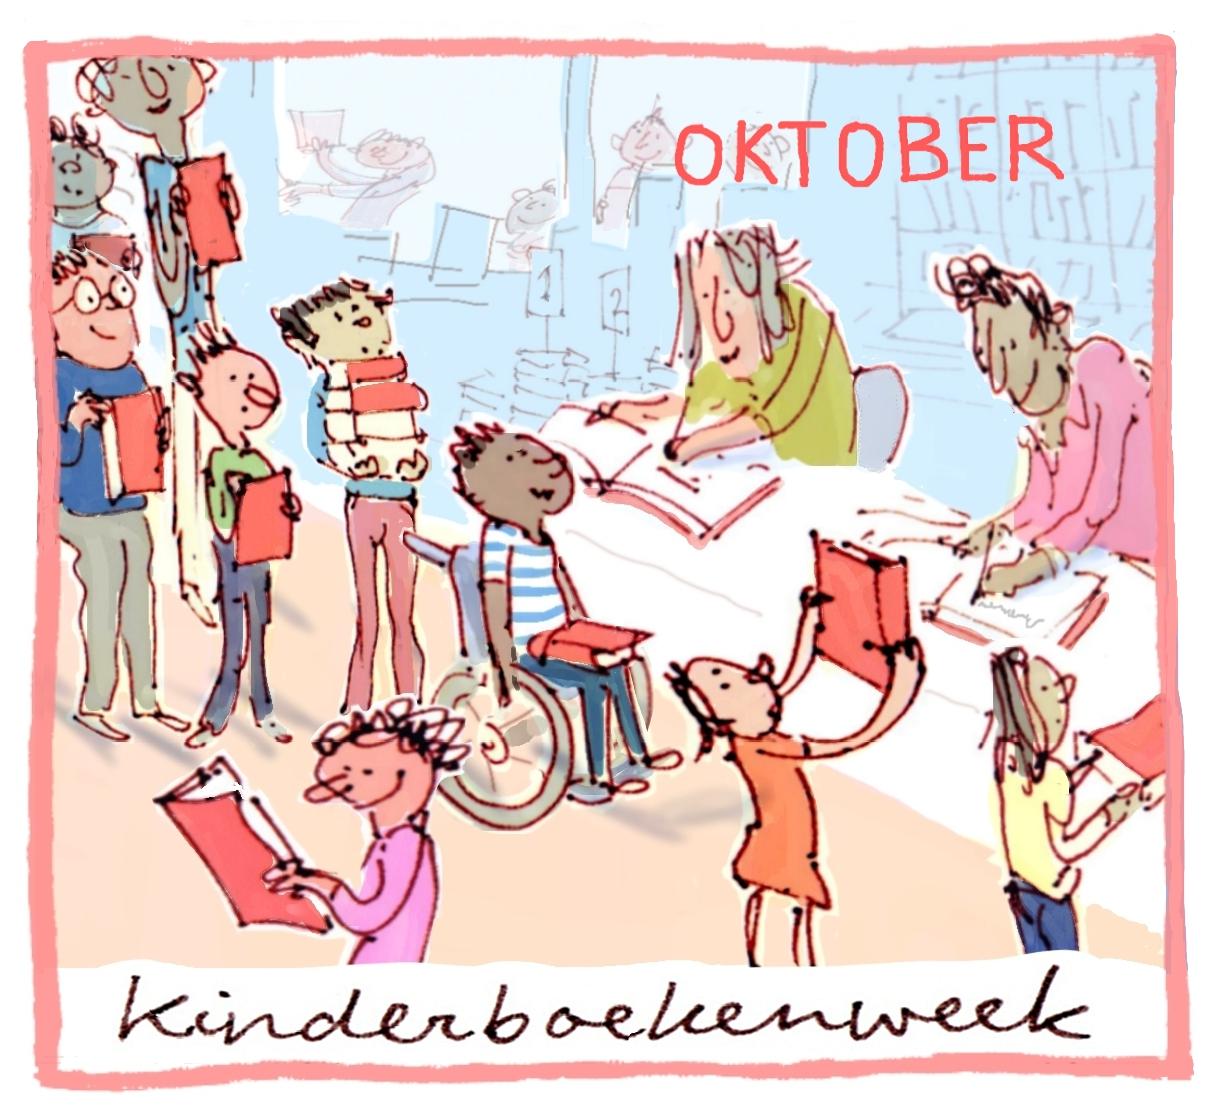 Het thema van oktober is: Kinderboekenweek!